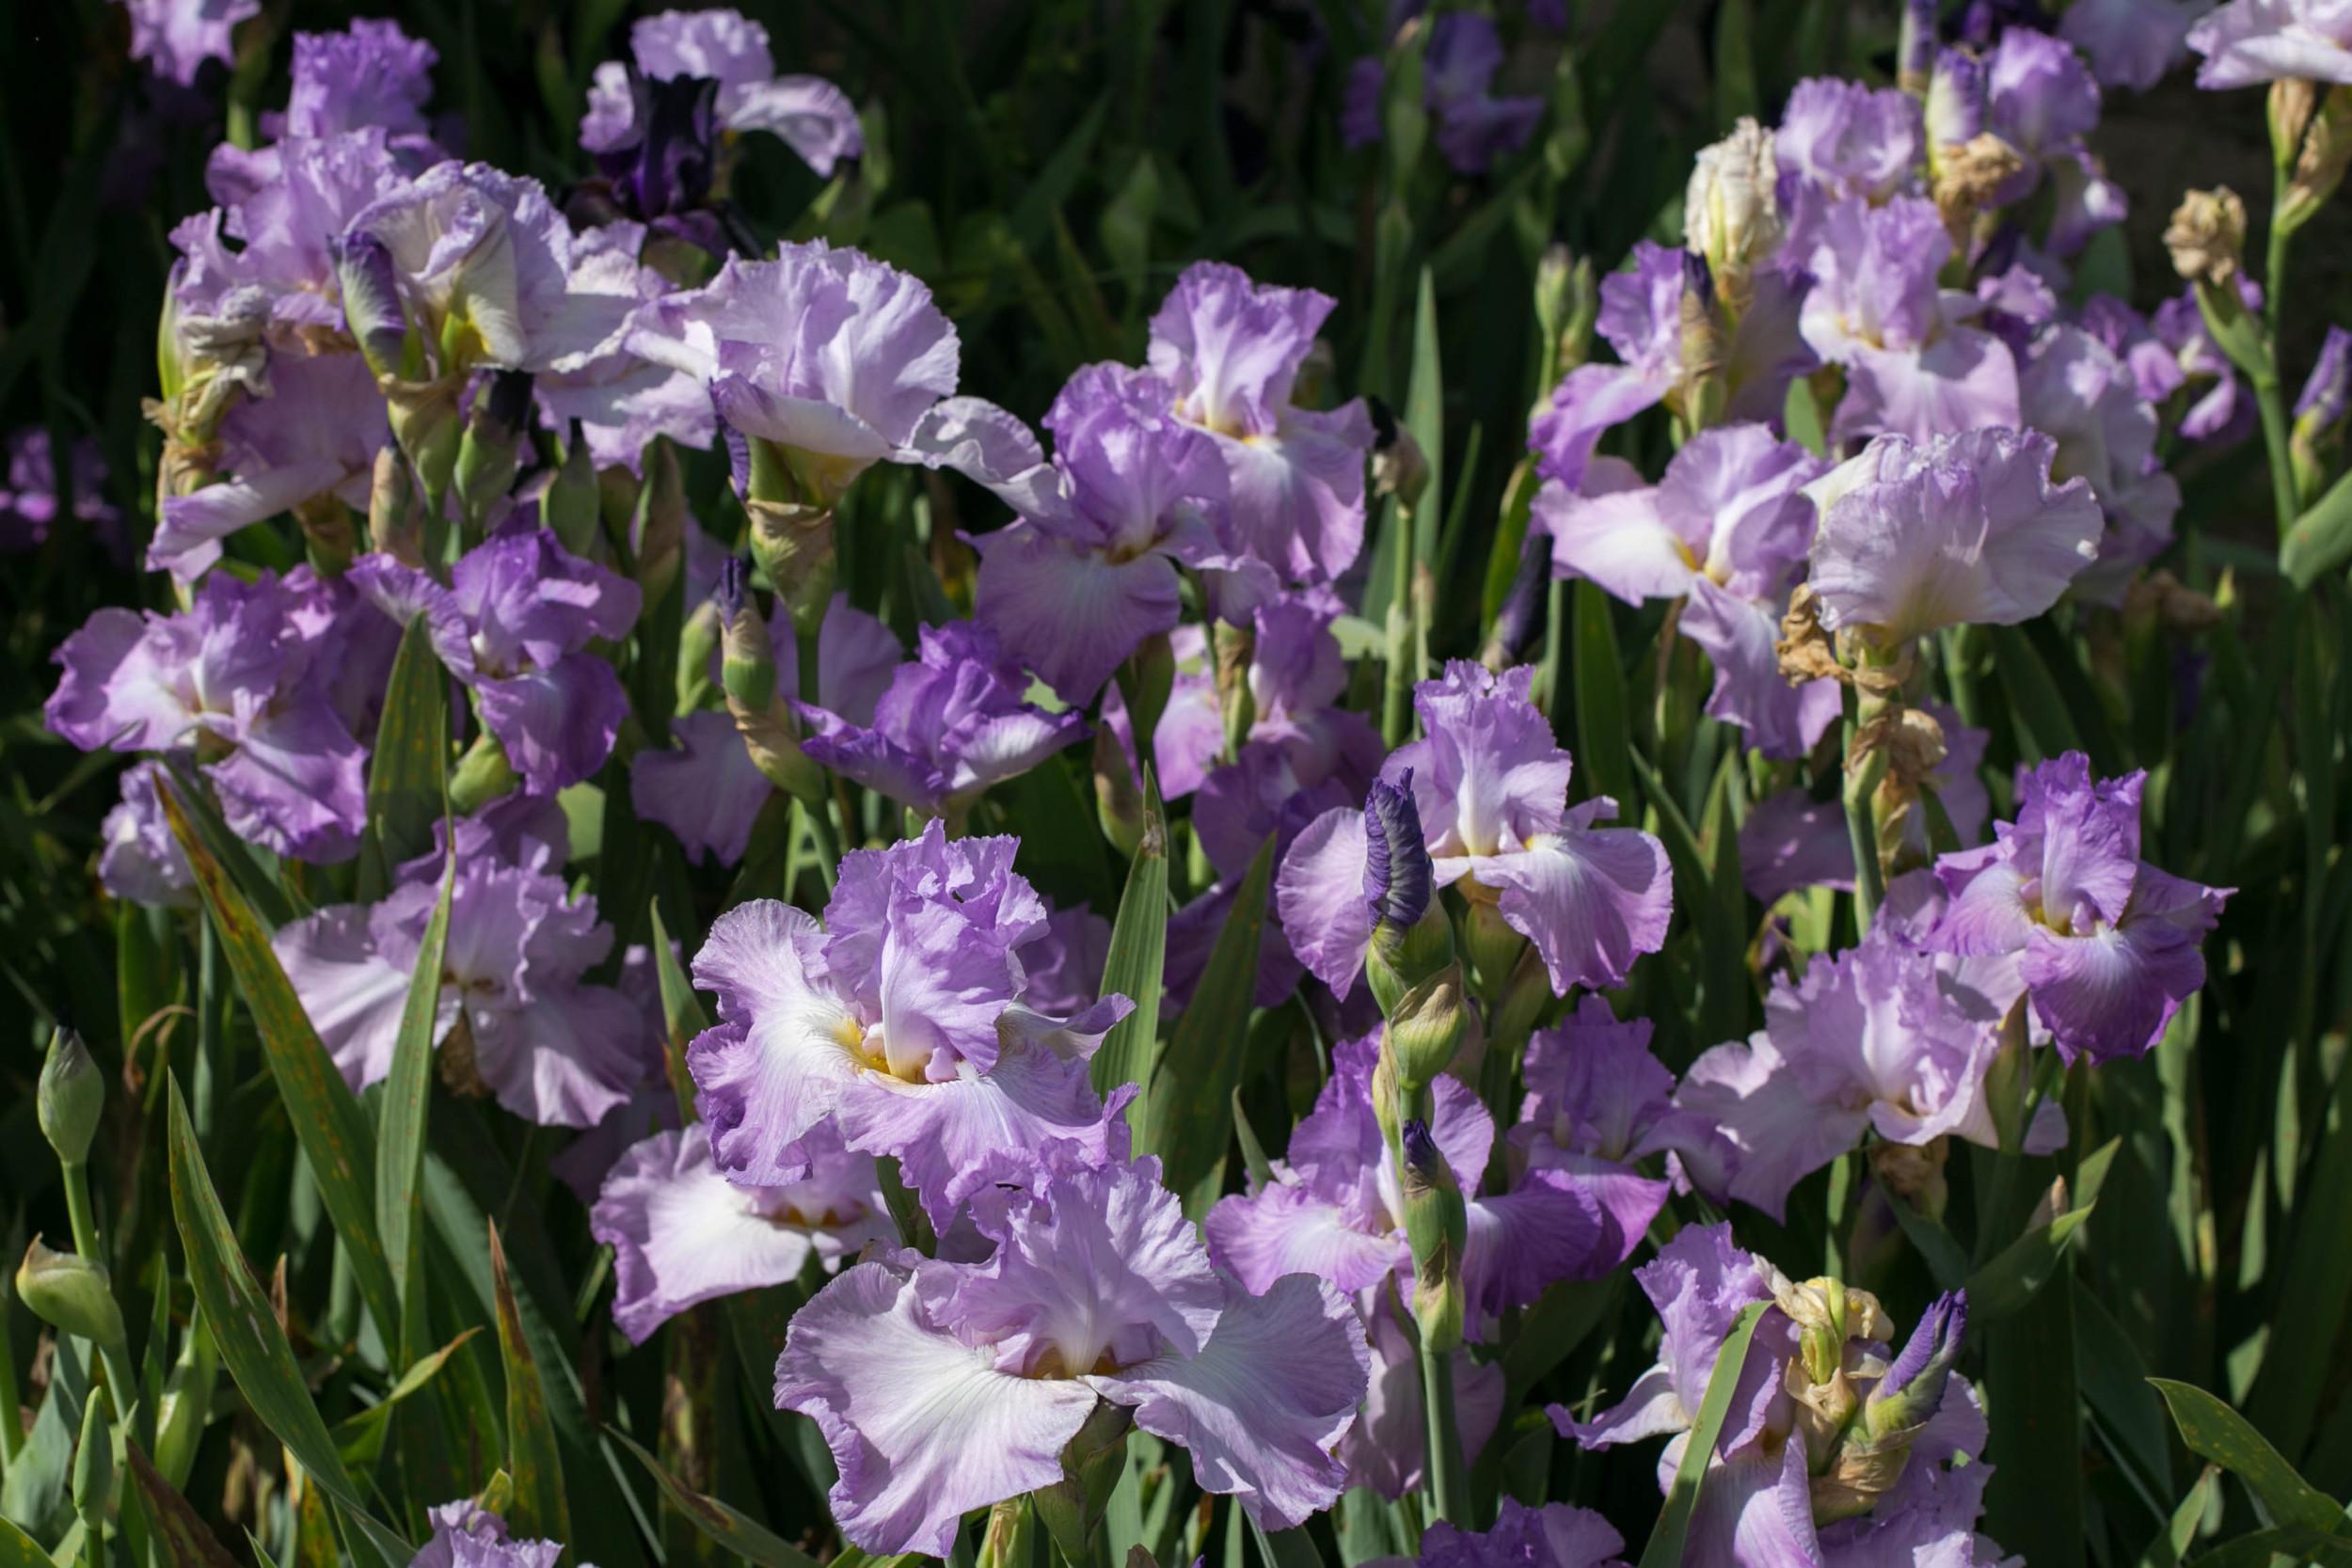 Tall Bearded Iris on the garden walk